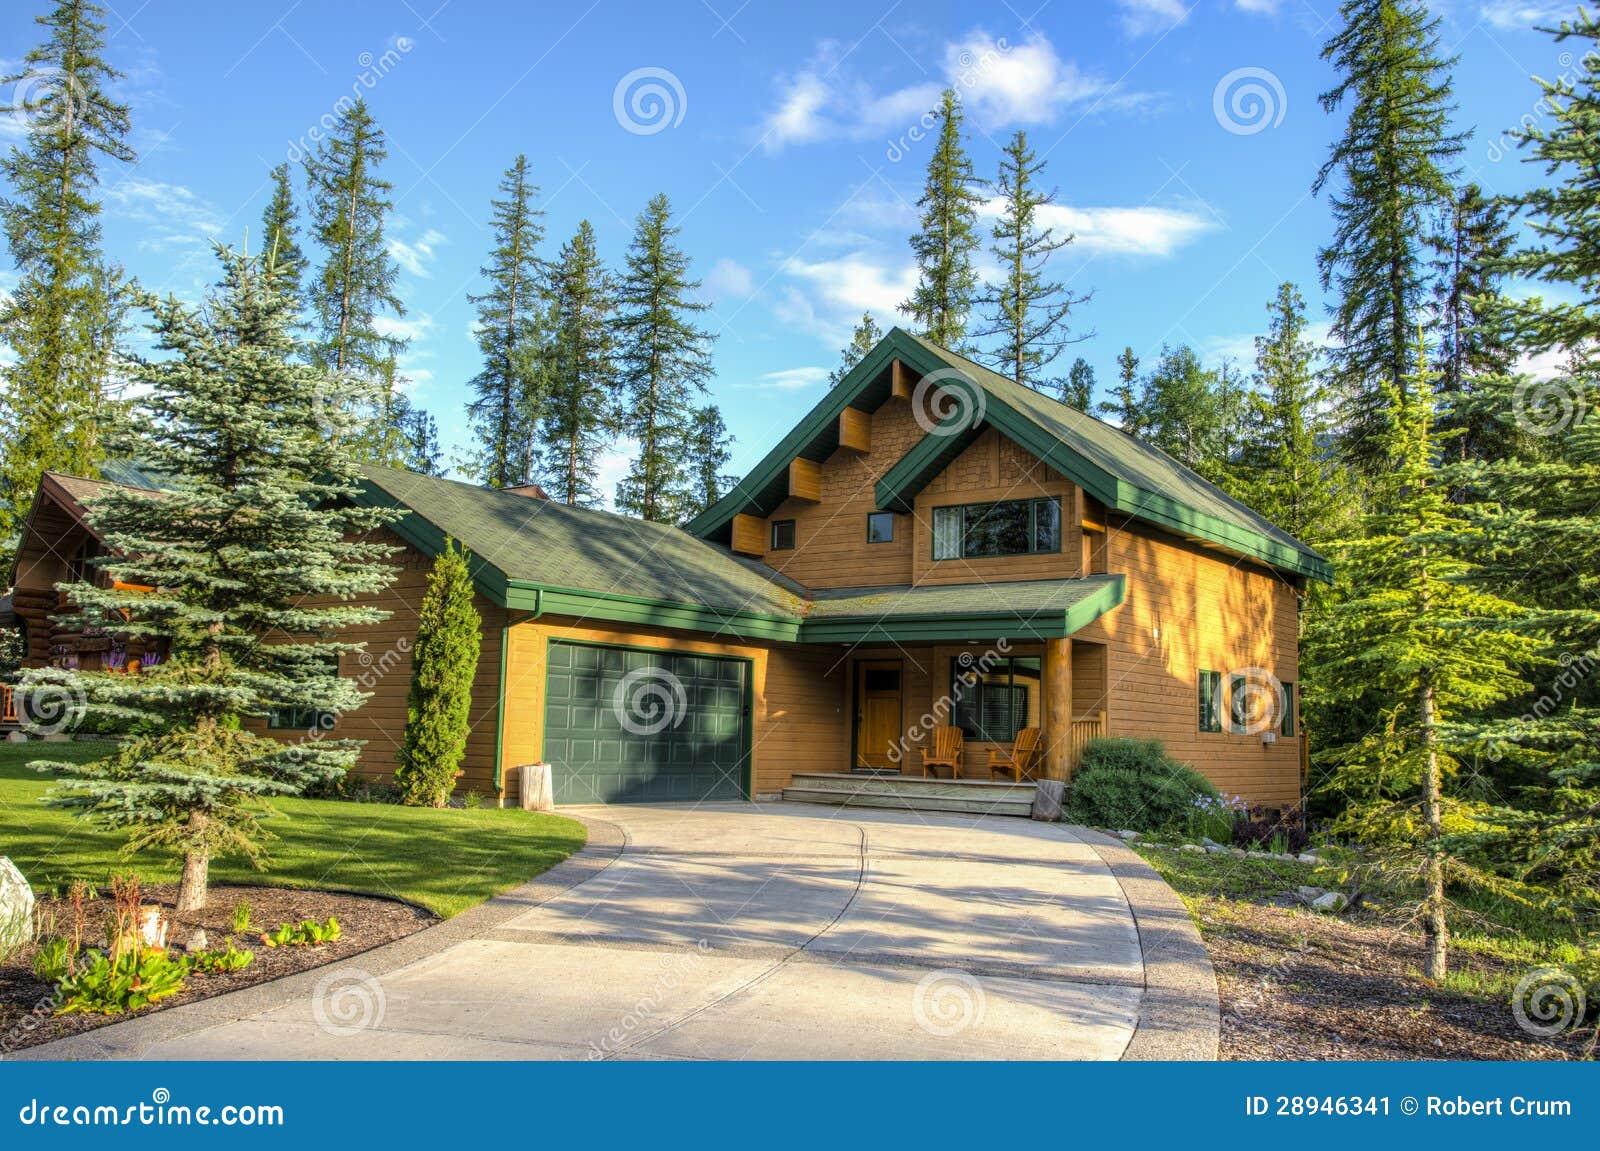 case contemporanee nella stazione sciistica immagine stock